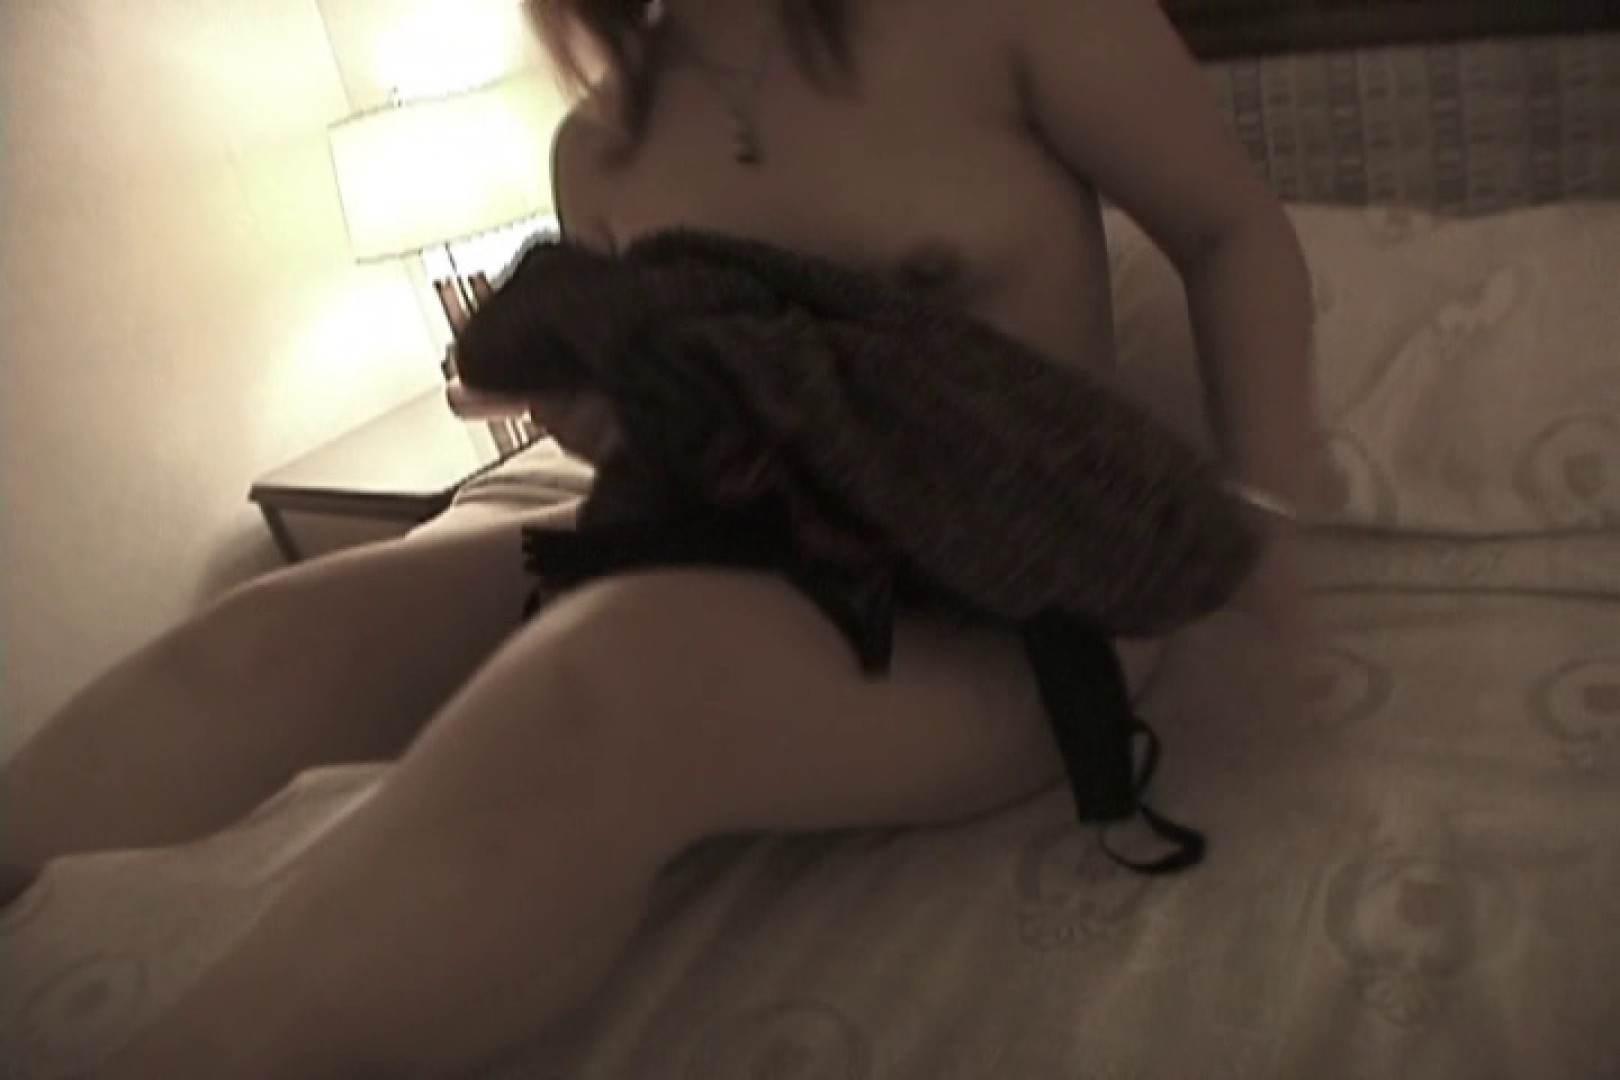 ツンデレ素人嬢もチンポには弱い~増田あけみ~ 素人 性交動画流出 75連発 46